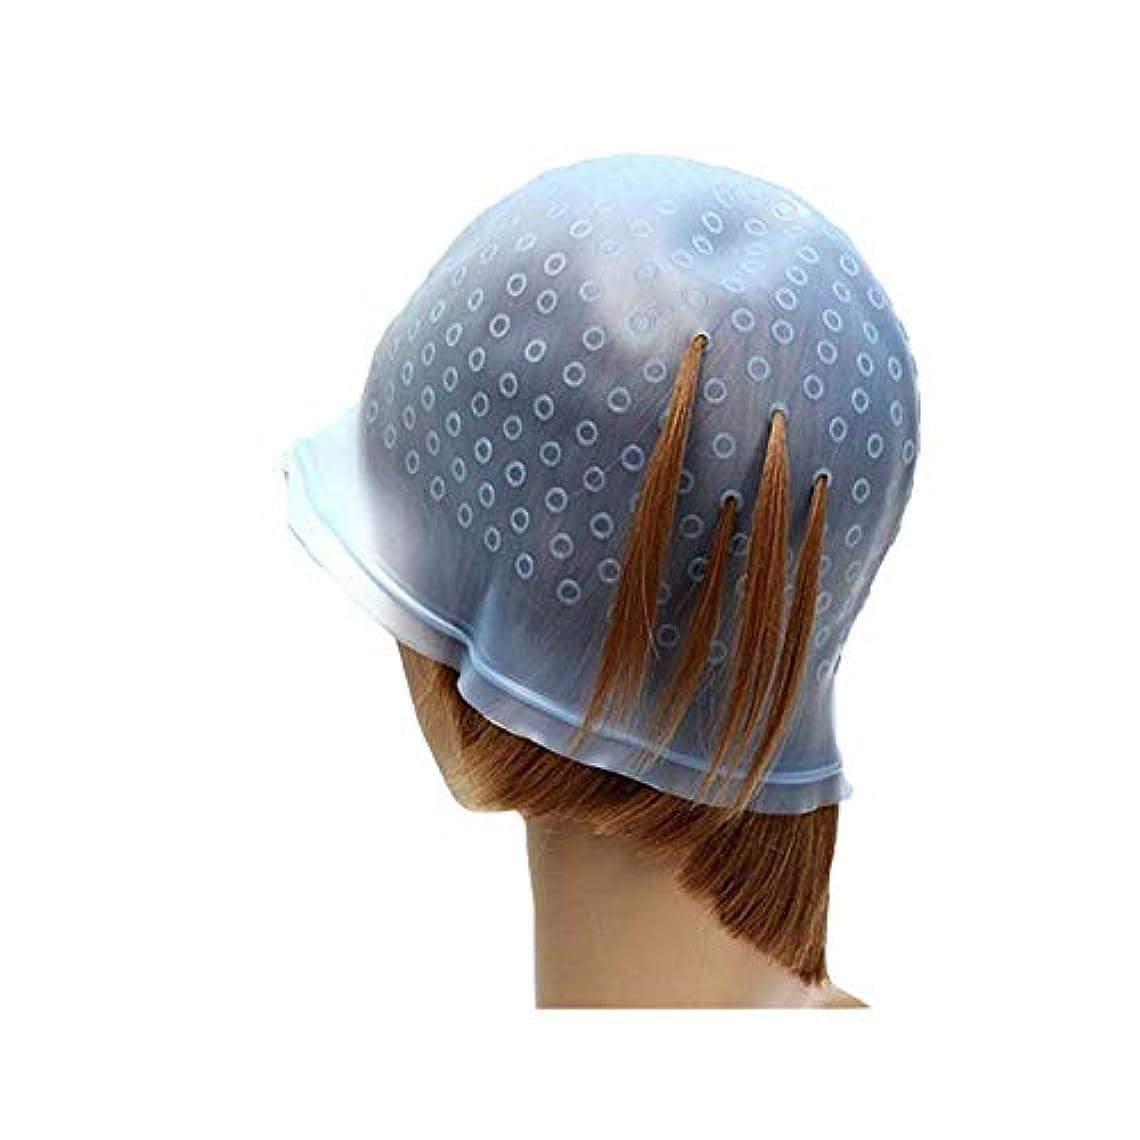 大胆不敵キウイ貫入カラーリング メッシュ用 シリコンキャップ セルフカラー 髪の毛 穴あけ用のかぎ針付き 髪 レディース メンズ